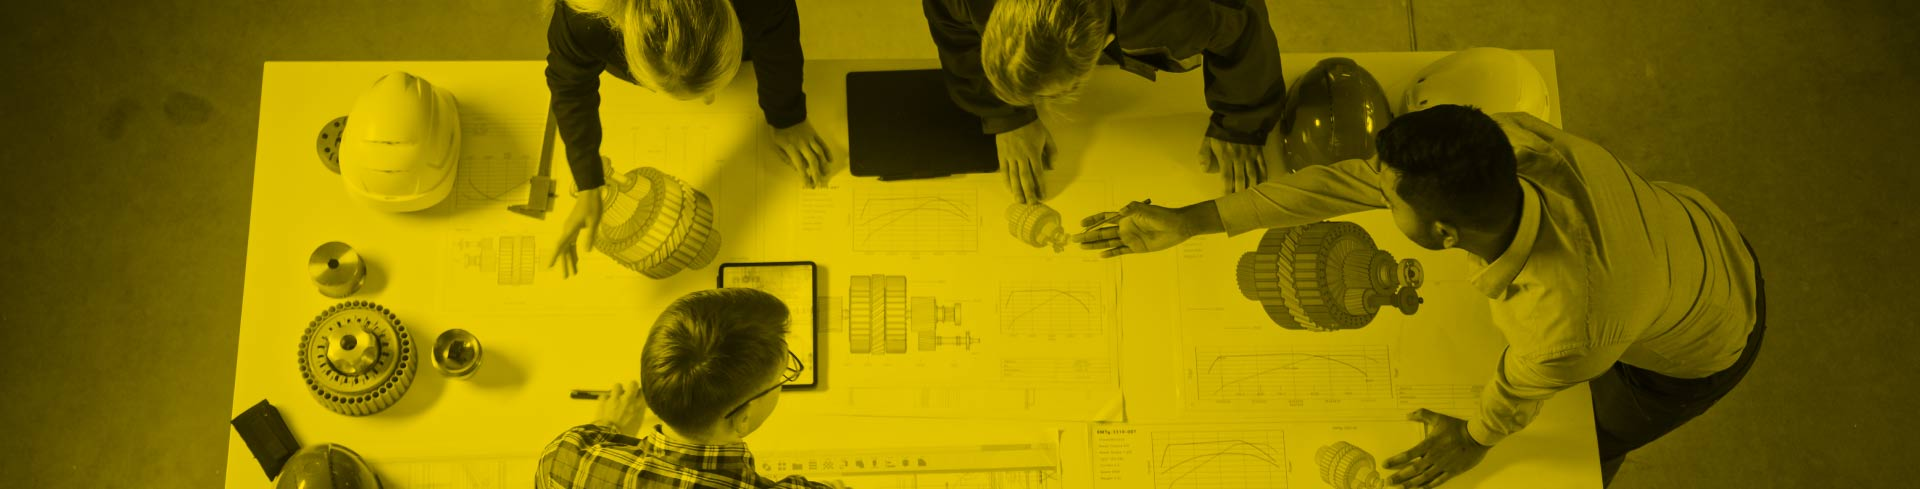 Lean management para proyectos de construcción